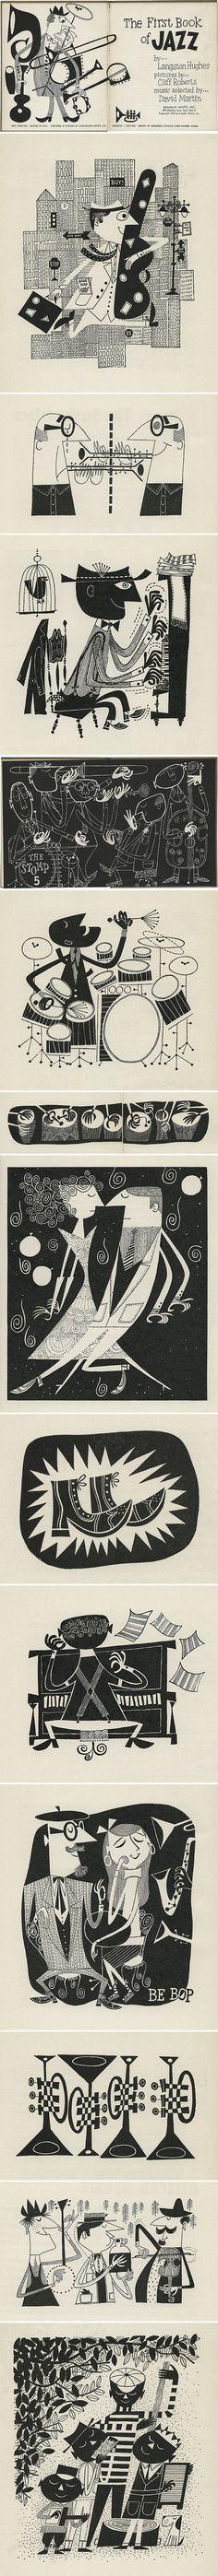 """Book: Ilustraciones por Cliff Roberts de """"El primer libro de Jazz"""" de Langston Hughes, 1955."""